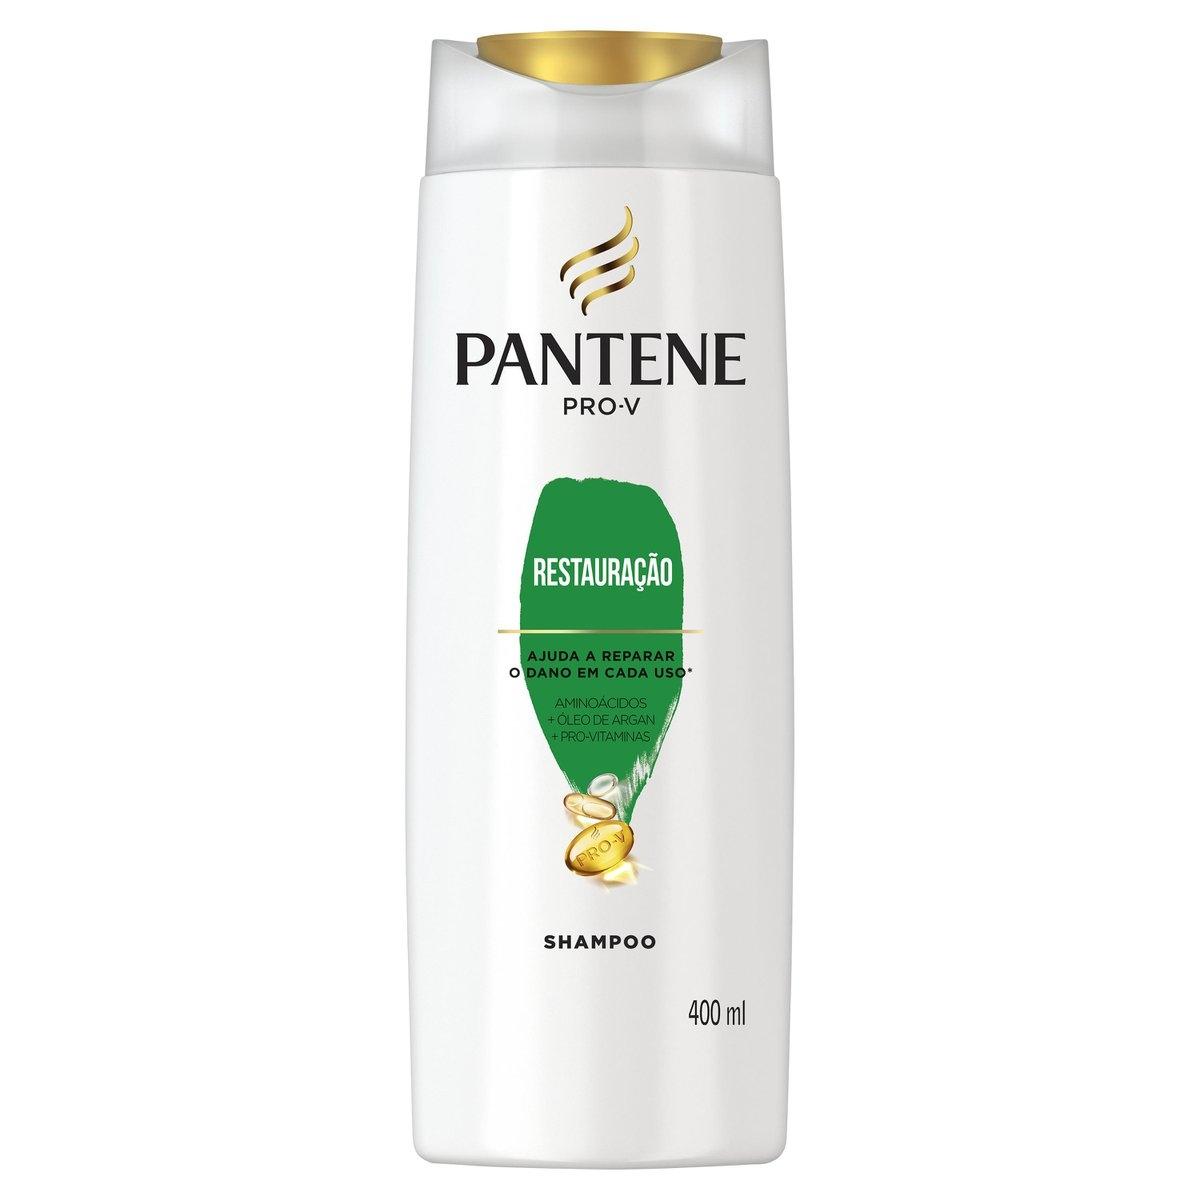 Shampoo Pantene Pro-V Restauração com 400ml 400ml